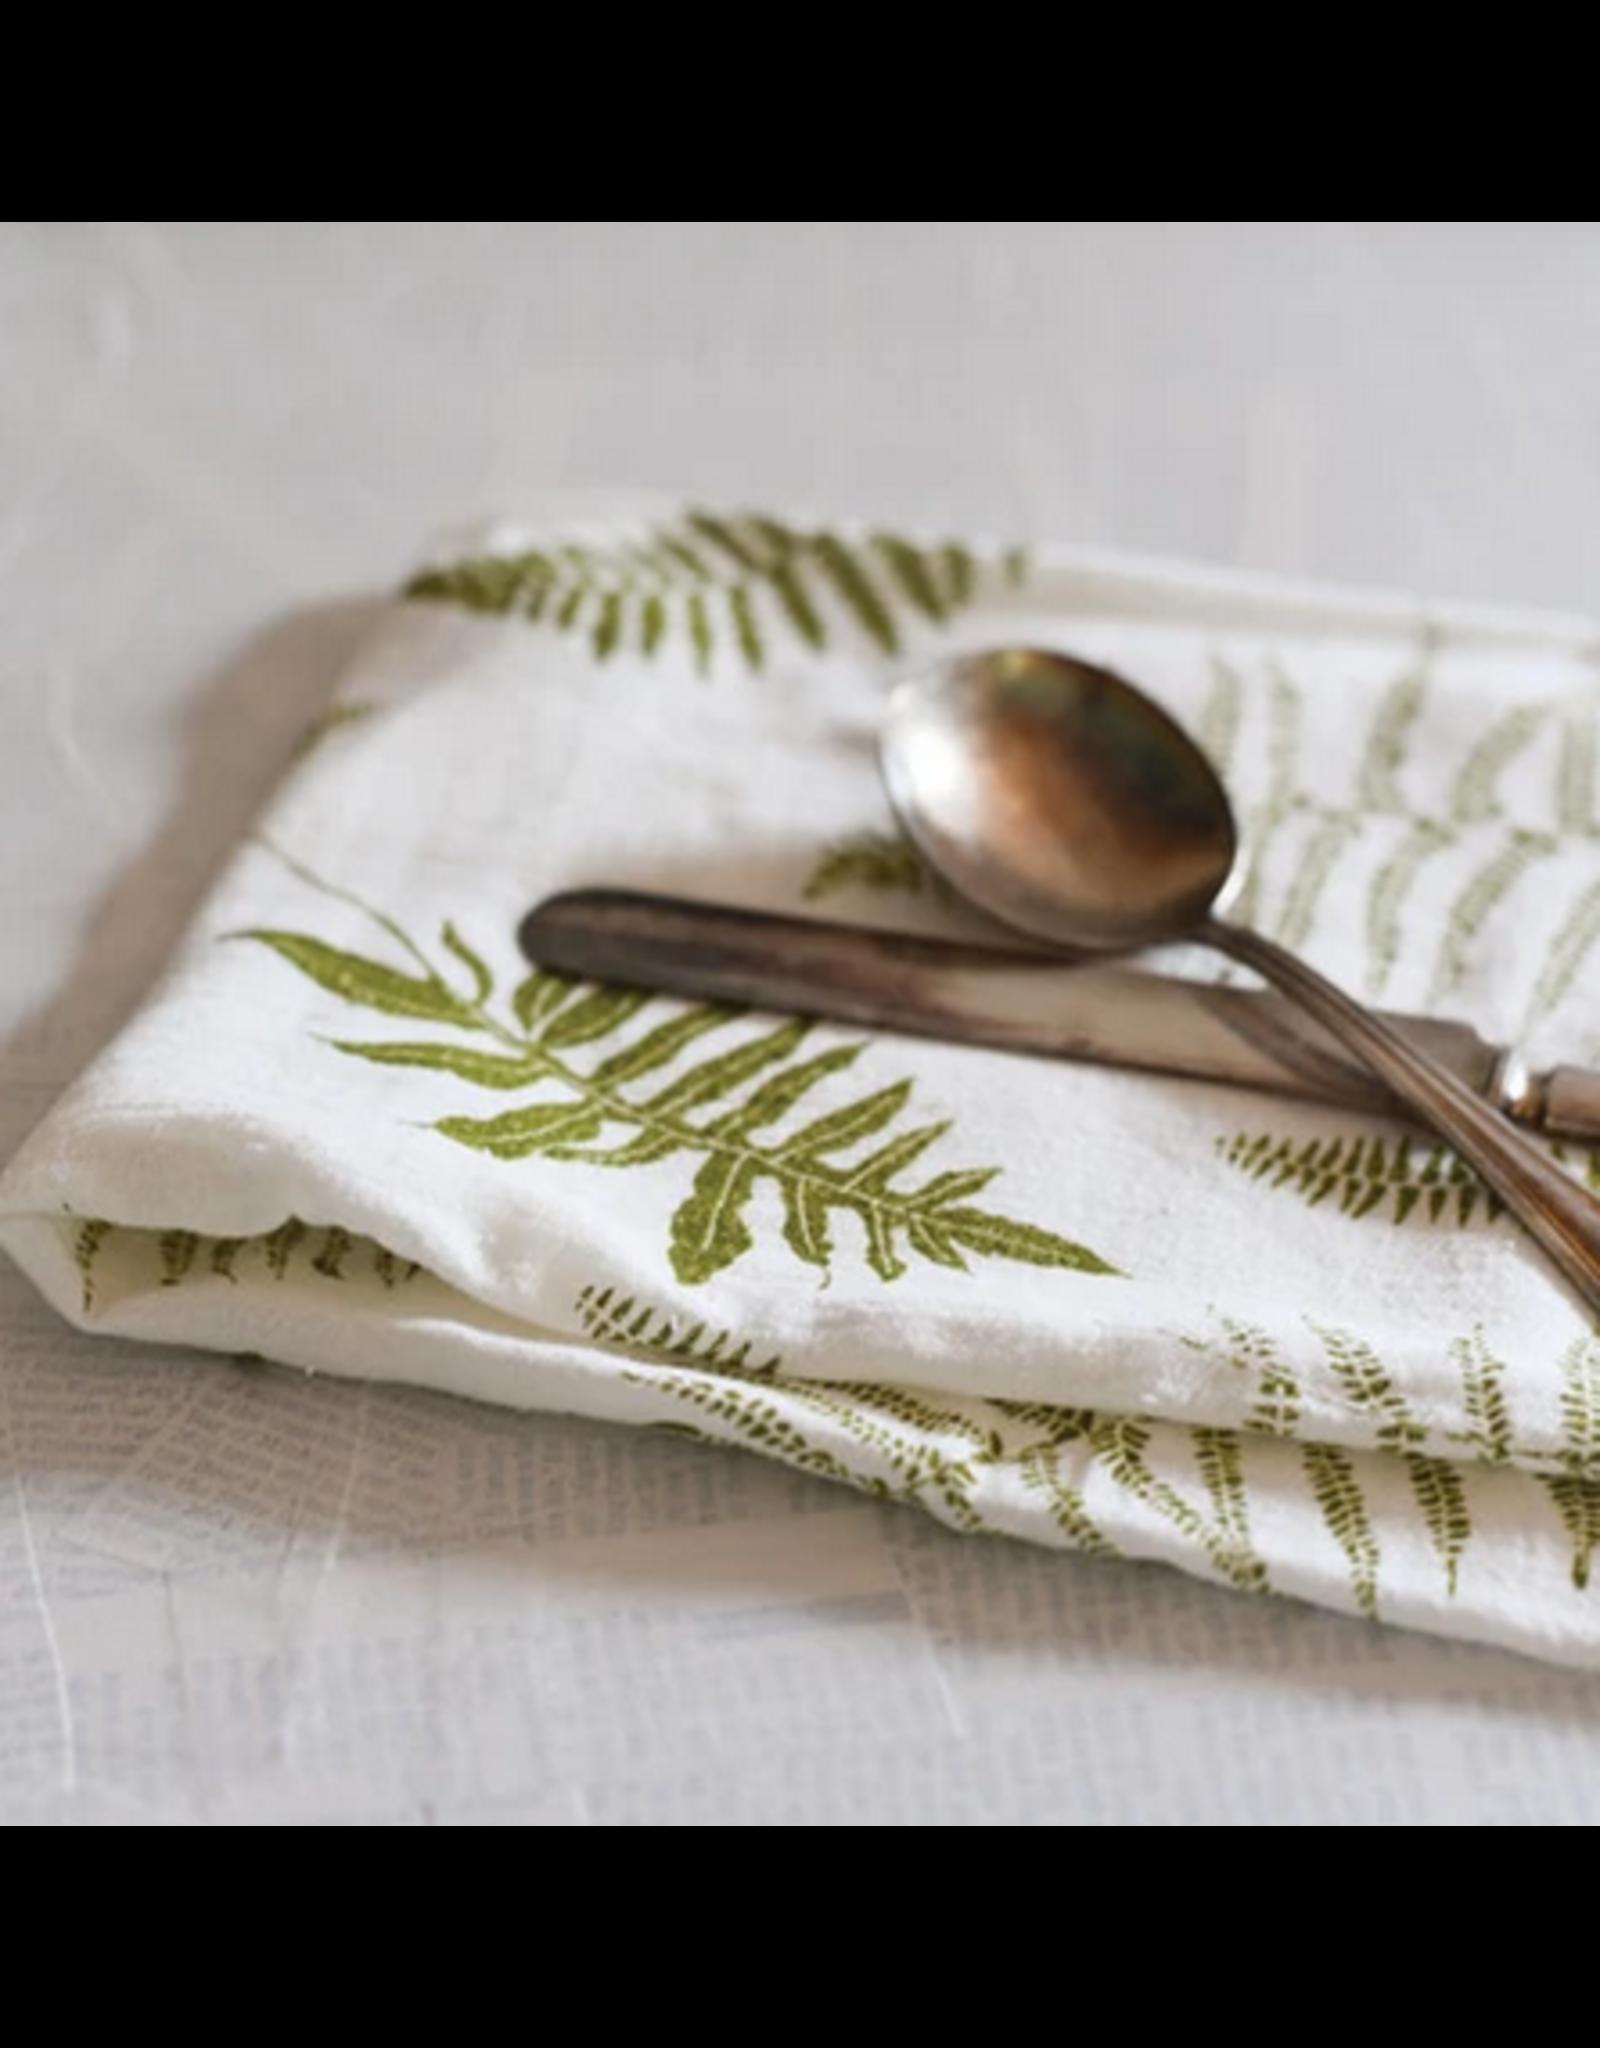 June & December Fronds Kitchen Towel